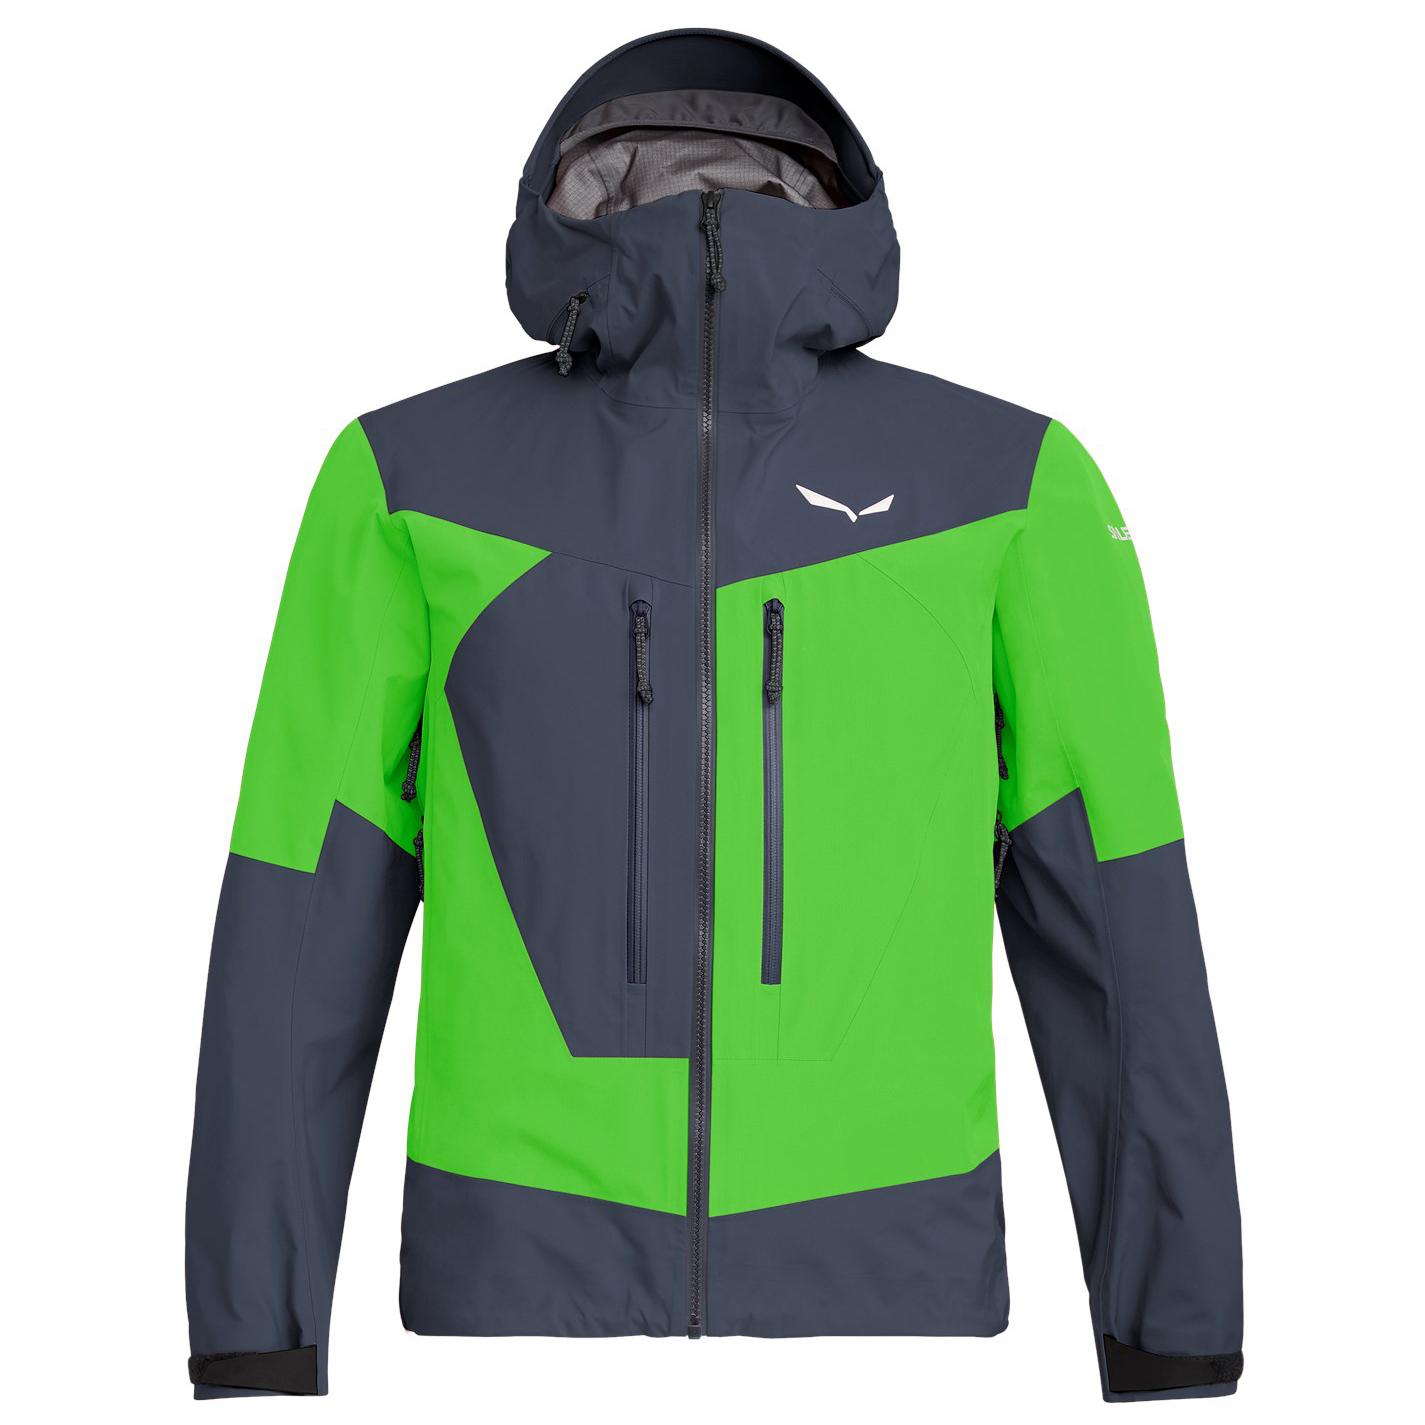 Salewa Ortles 3 GTX Pro Jacket Waterproof jacket Ombre Blue 5640 | 46 (EU)